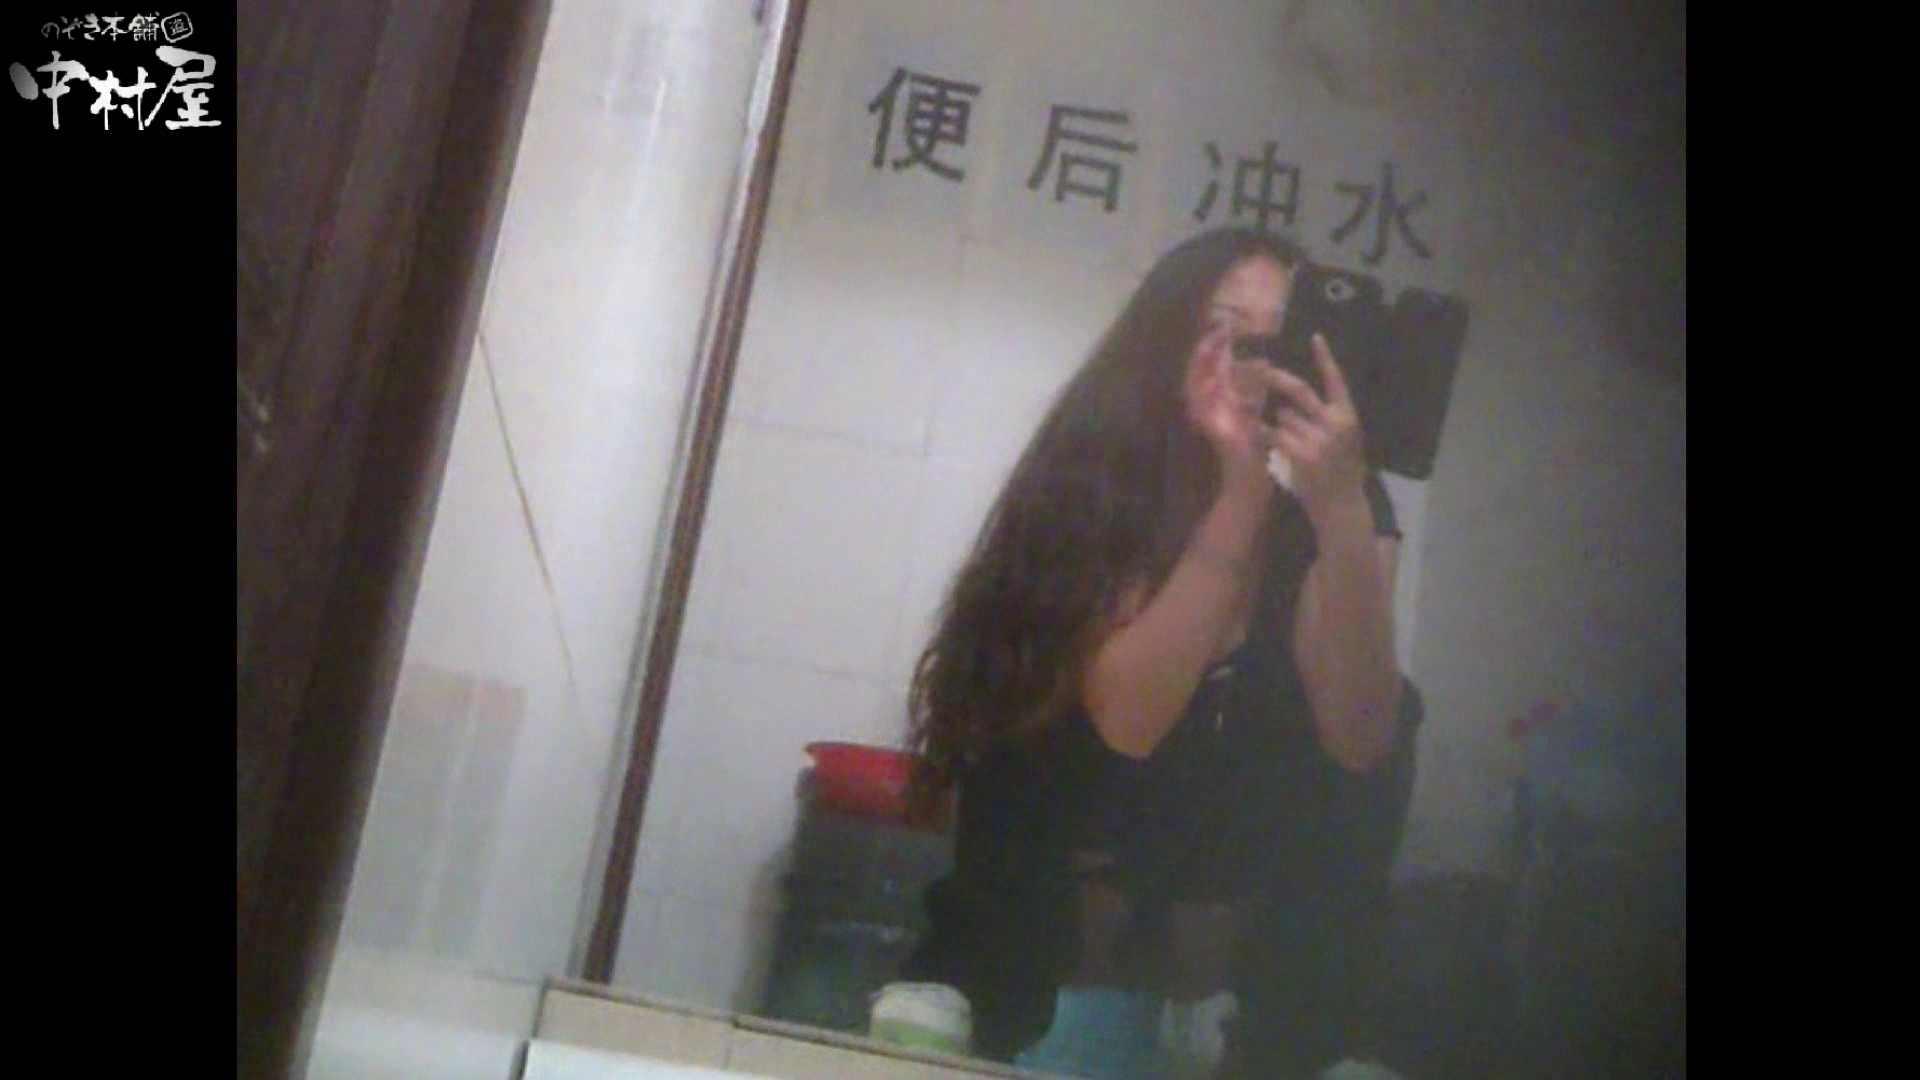 李さんの盗撮日記 Vol.03 トイレの中まで おまんこ無修正動画無料 9枚 7